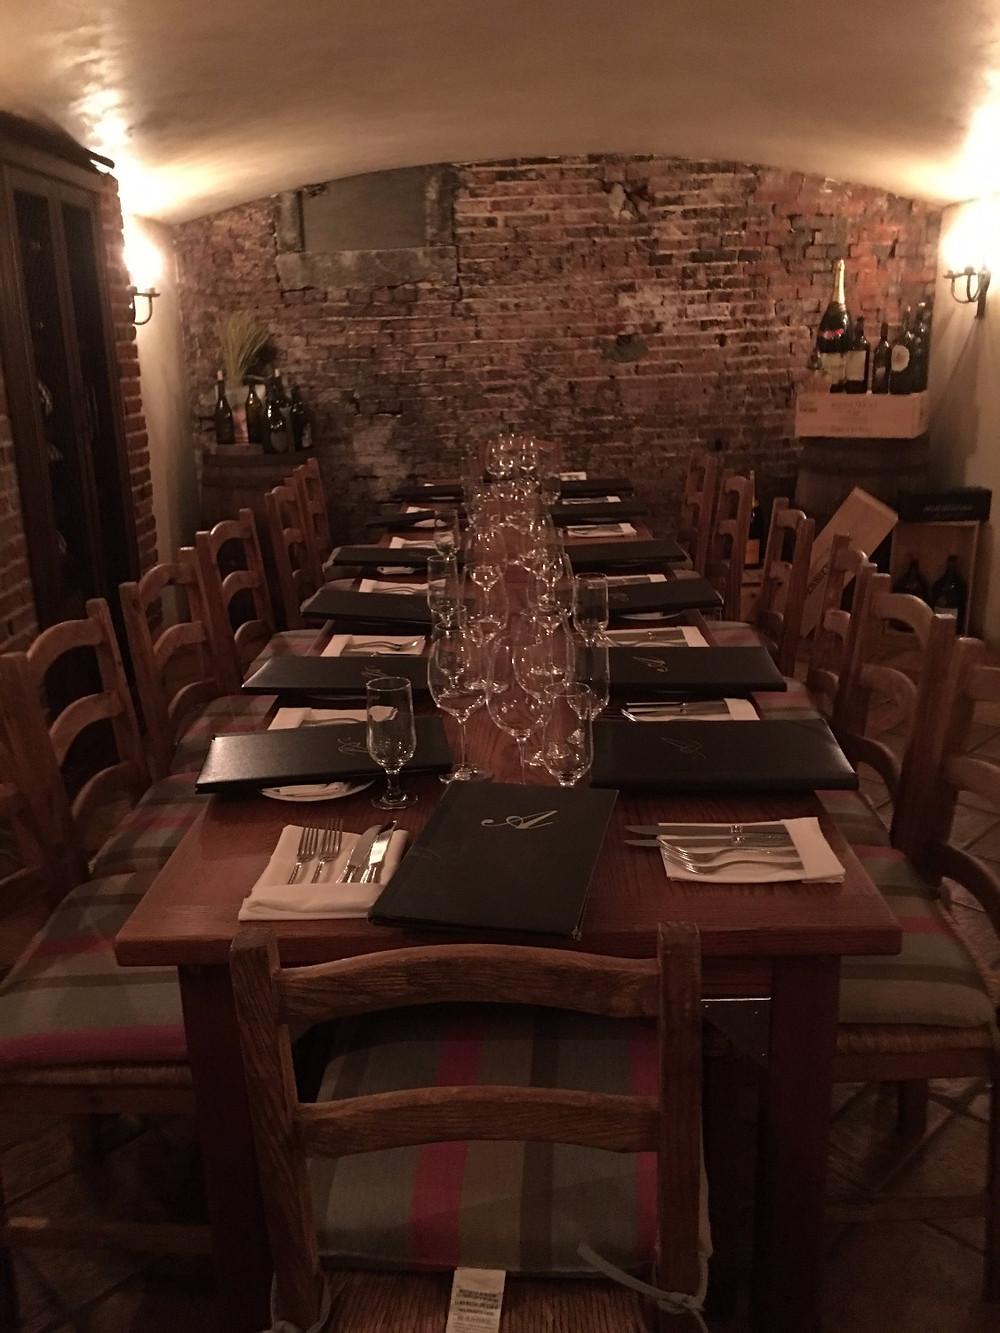 Wine cellar at Aldo's Ristorante